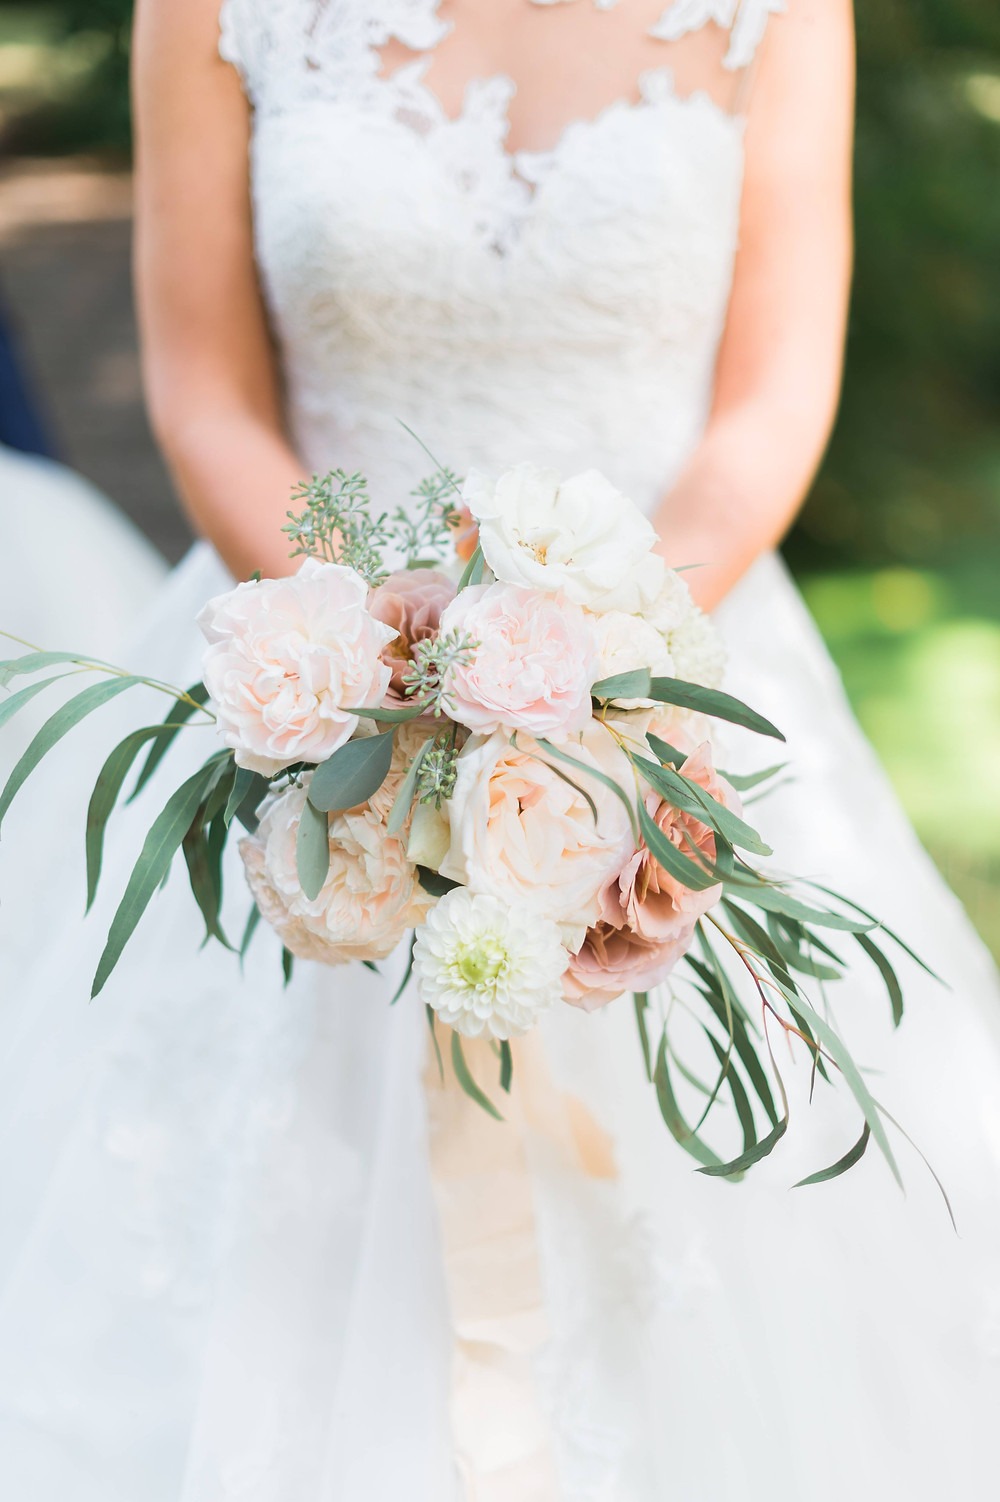 photographe mariage bouquets de fleurs